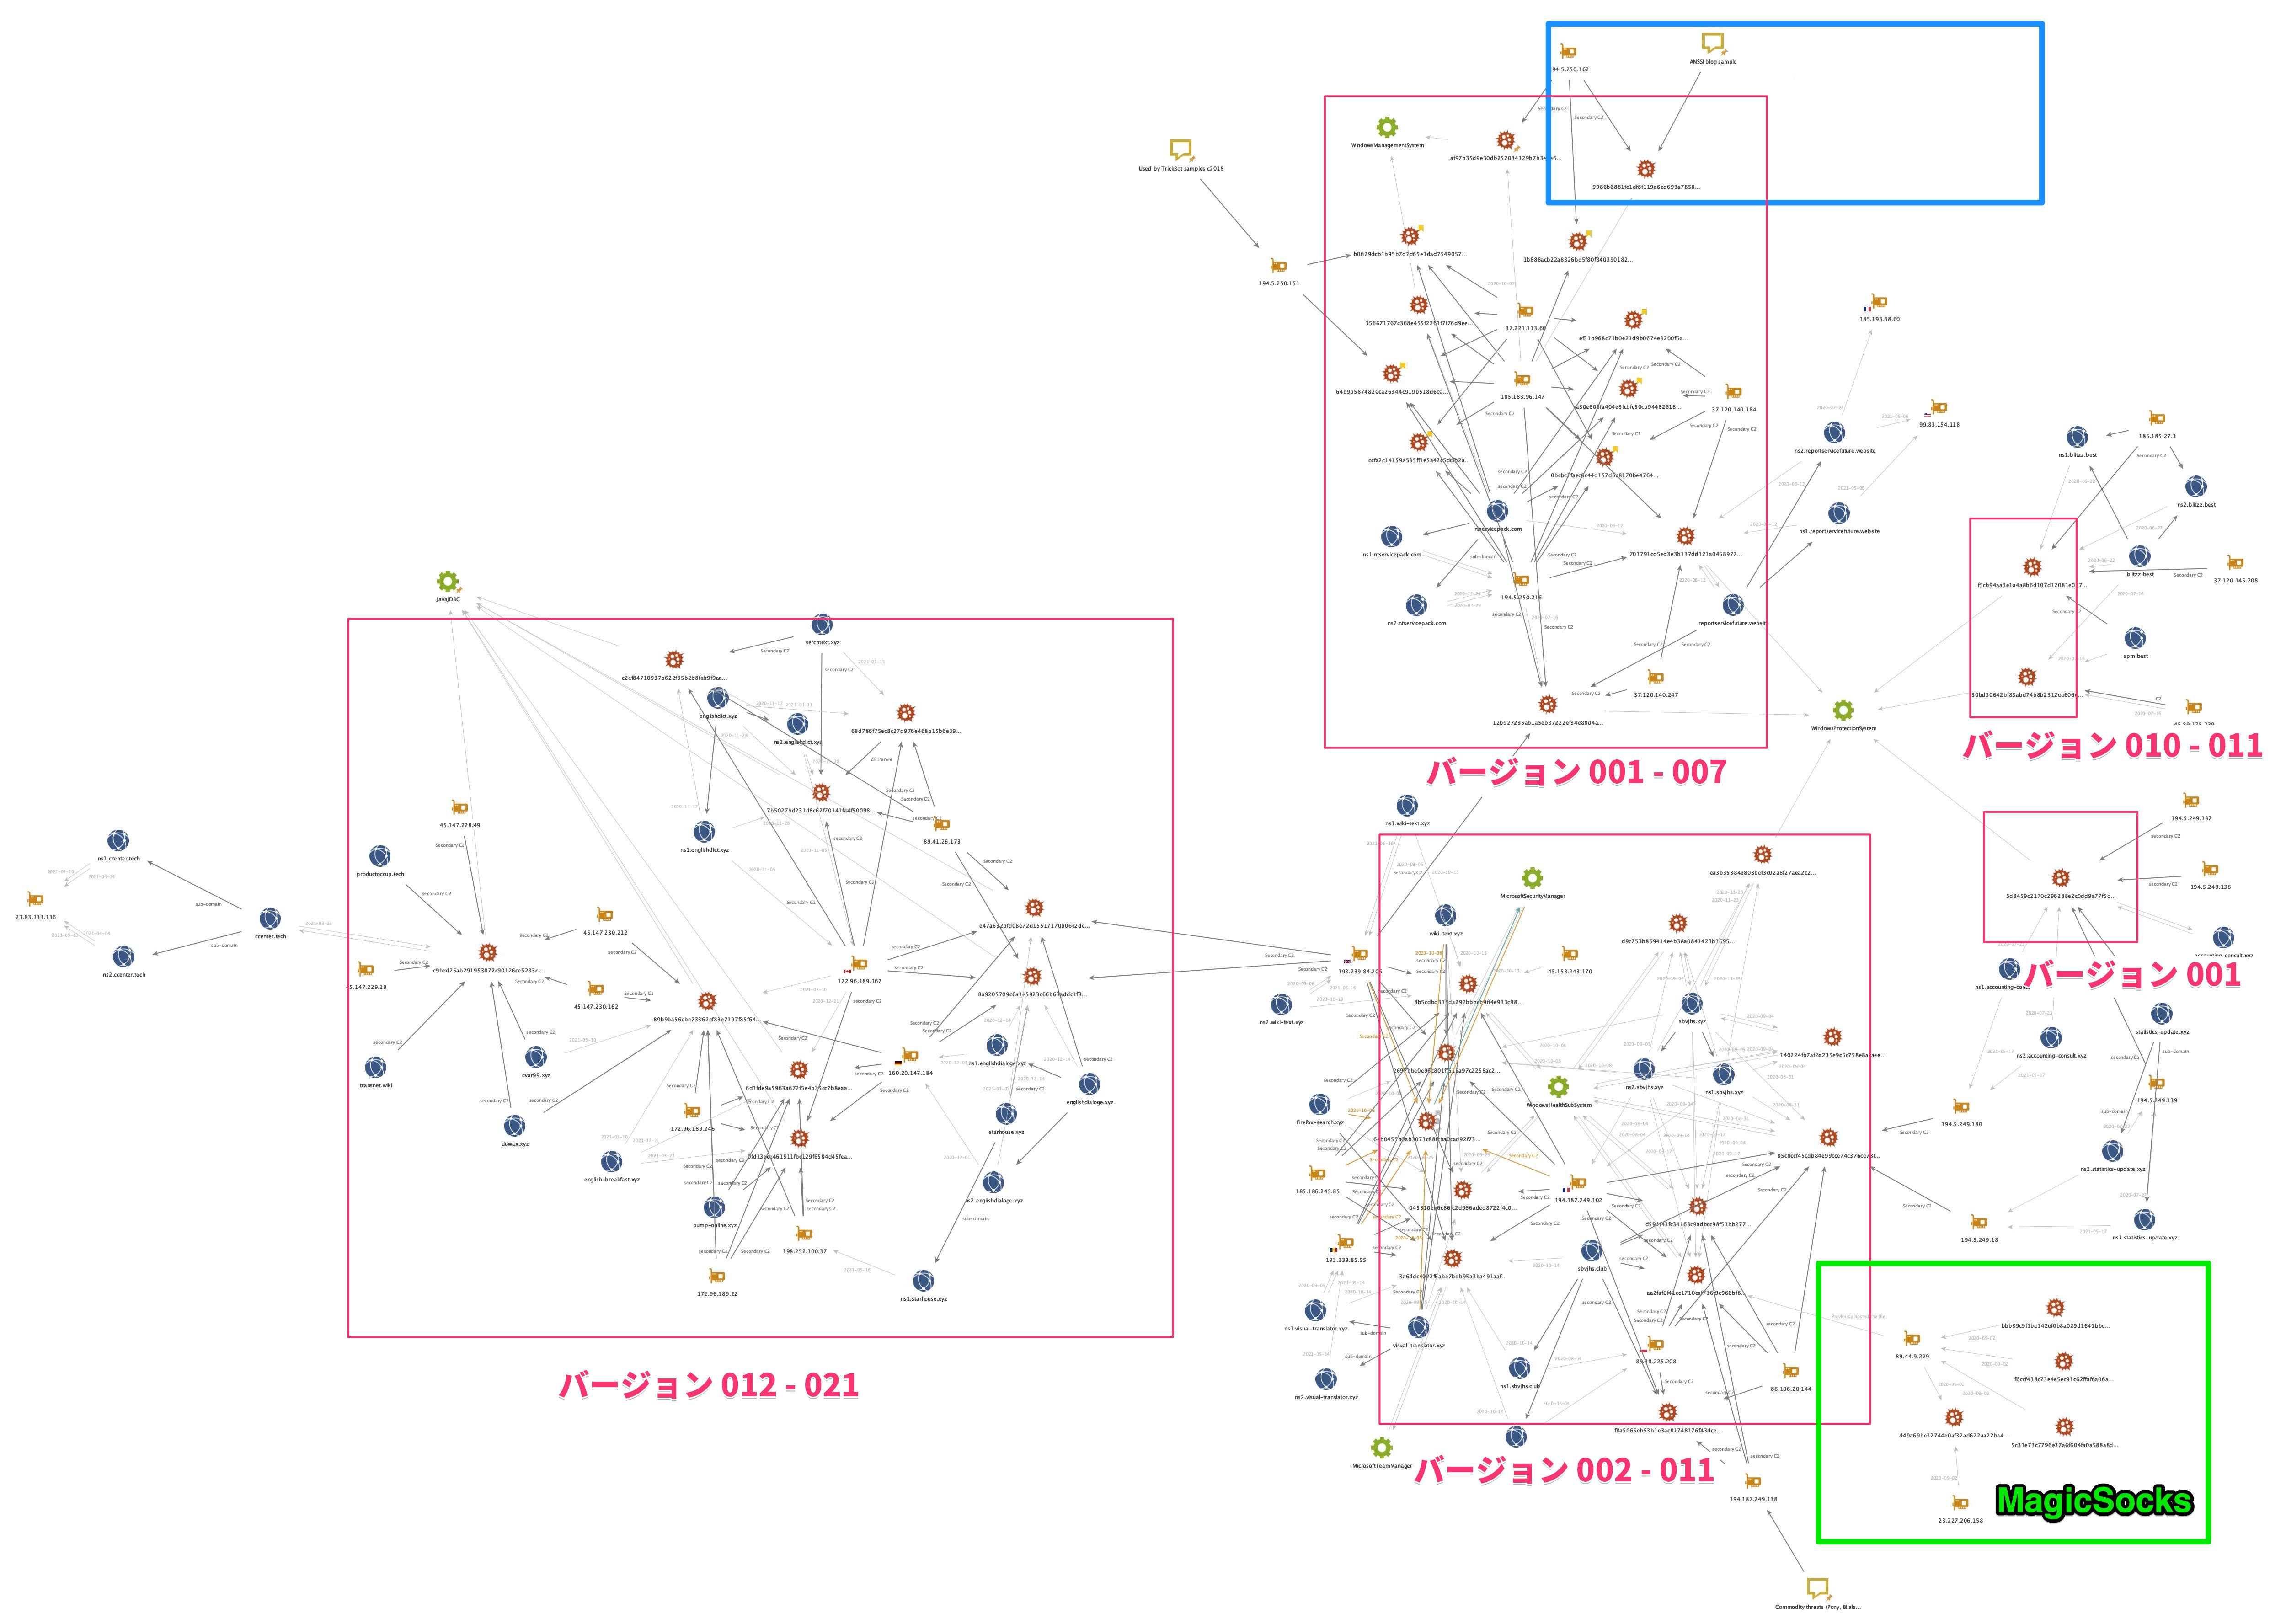 Mespinozaランサムウェアをマッピングし、ANSSIレポートやMagicSocksなどからのインフラやリンクを示す。